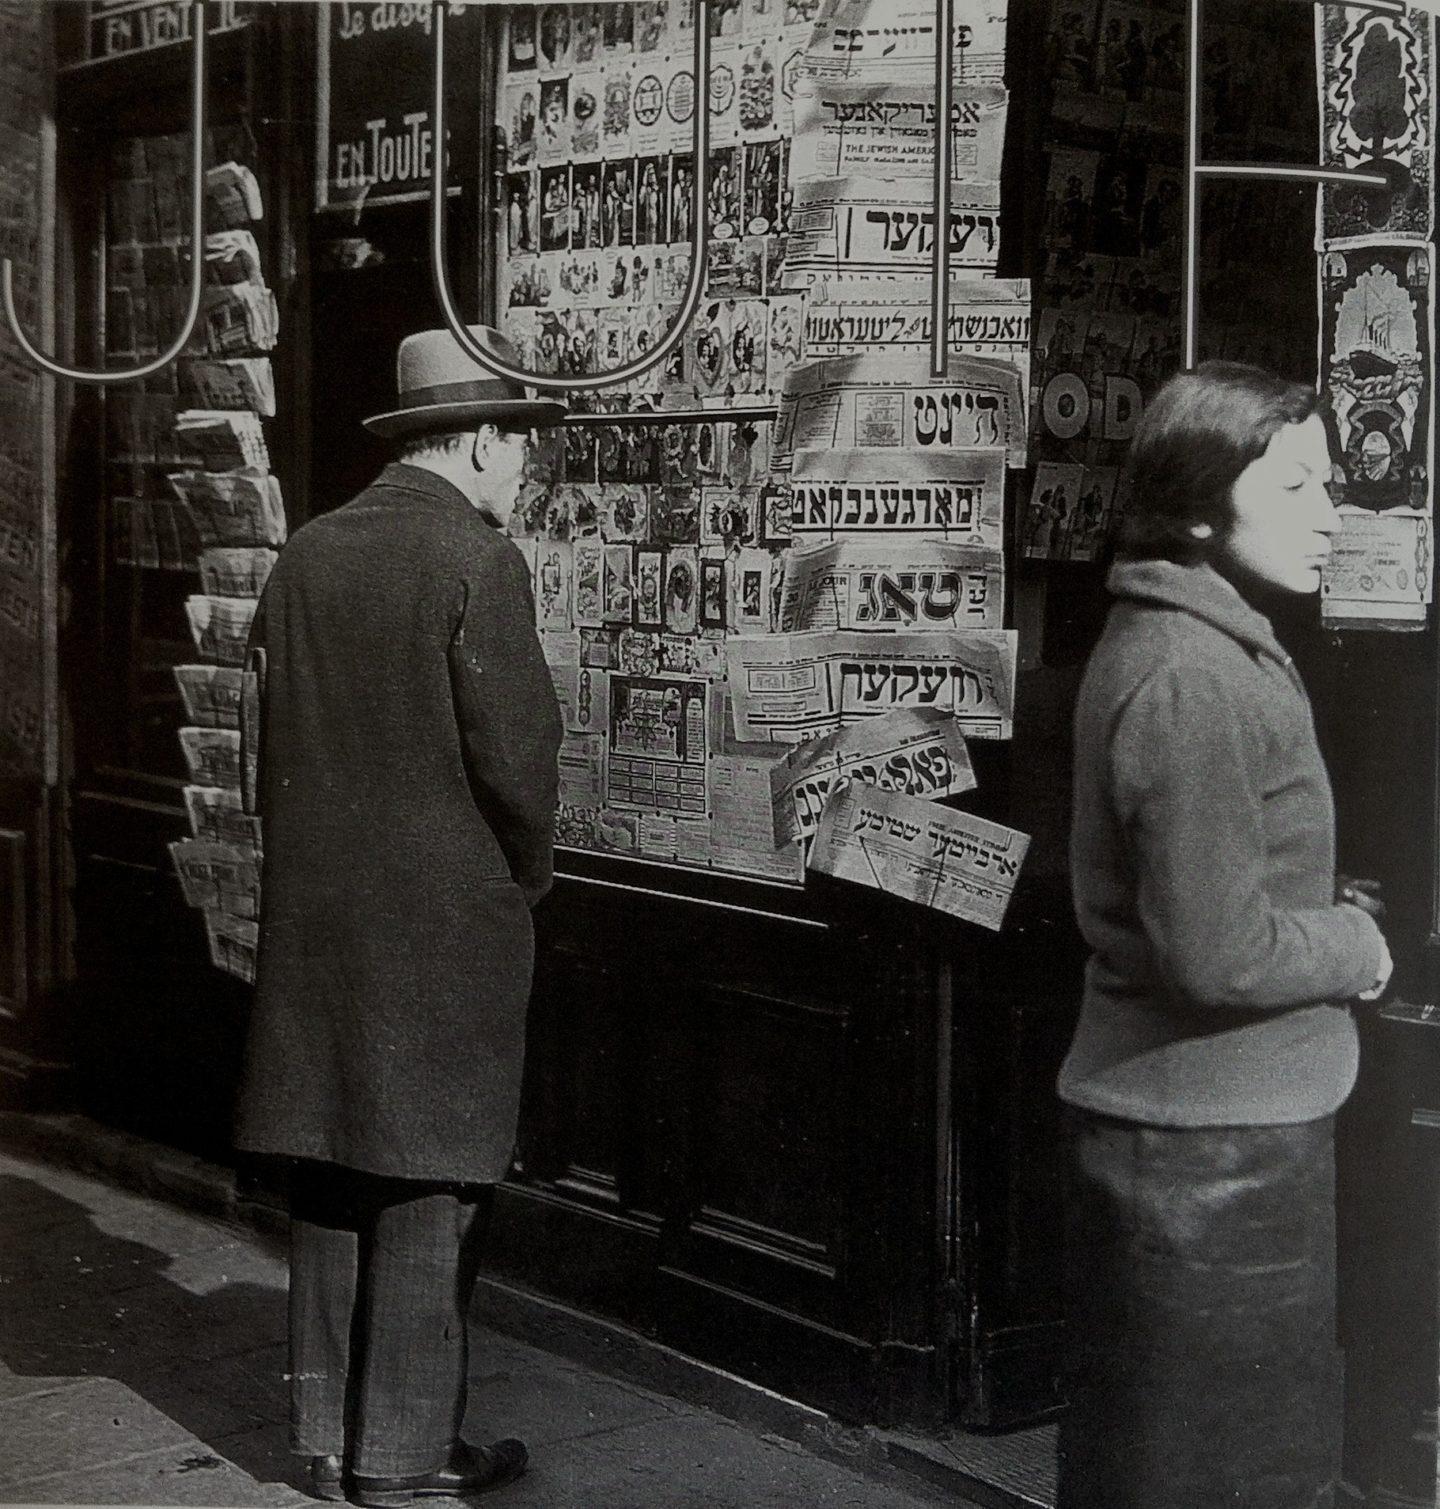 <p>From &#8220;Presse et mémoire: France des étrangers, France des libertés&#8221; (Exhibition catalog, Génériques,&nbsp;1990)</p>